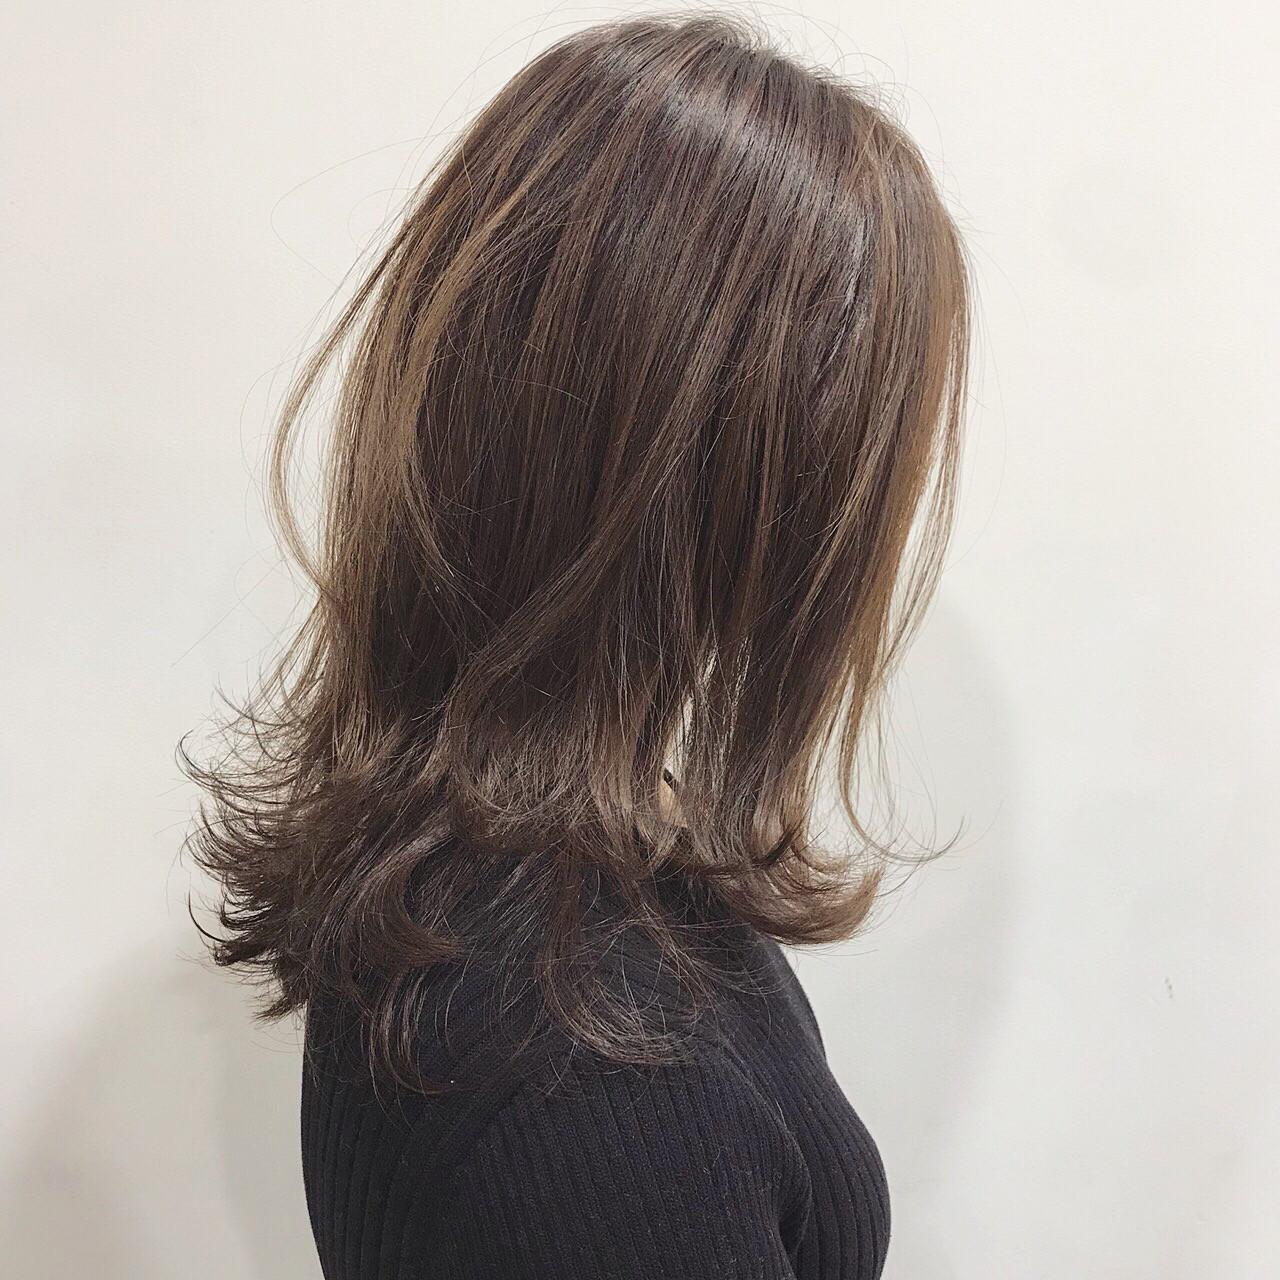 ナチュラル 謝恩会 ヘアアレンジ こなれ感 ヘアスタイルや髪型の写真・画像